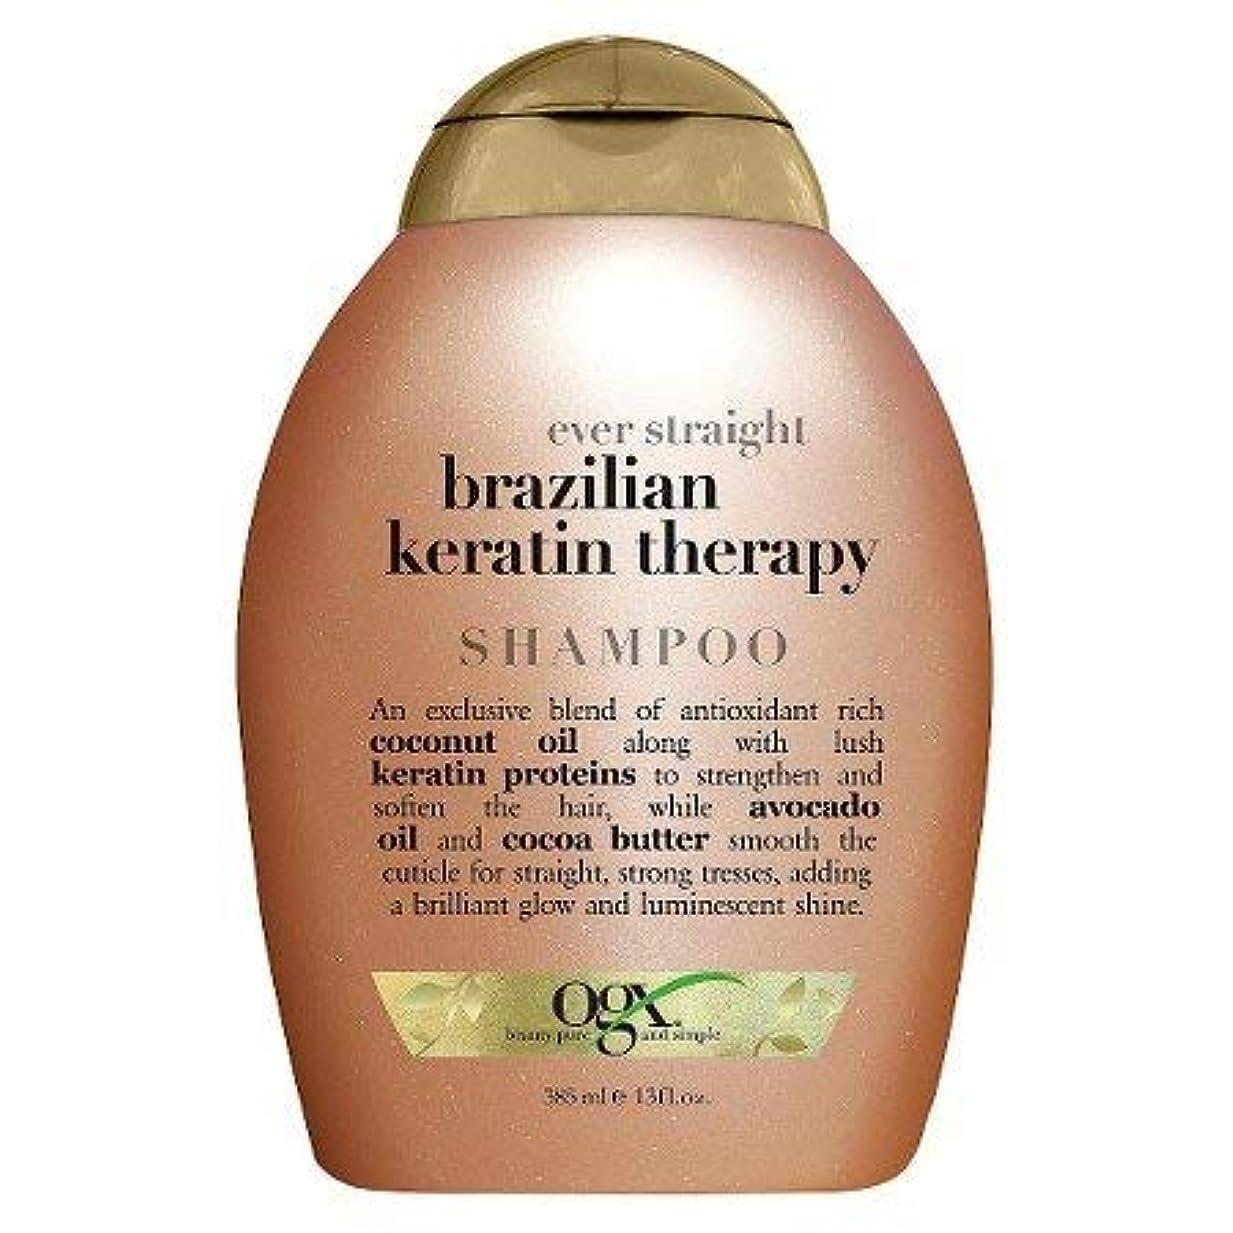 雑品購入忘れられないOGX Ever Straight Sulfate & Sodium Free Brazilian Keratin Therapy Shampoo 360ml エヴァーストレートブラジルケラチンセラピーシャンプーシャンプー [並行輸入品]